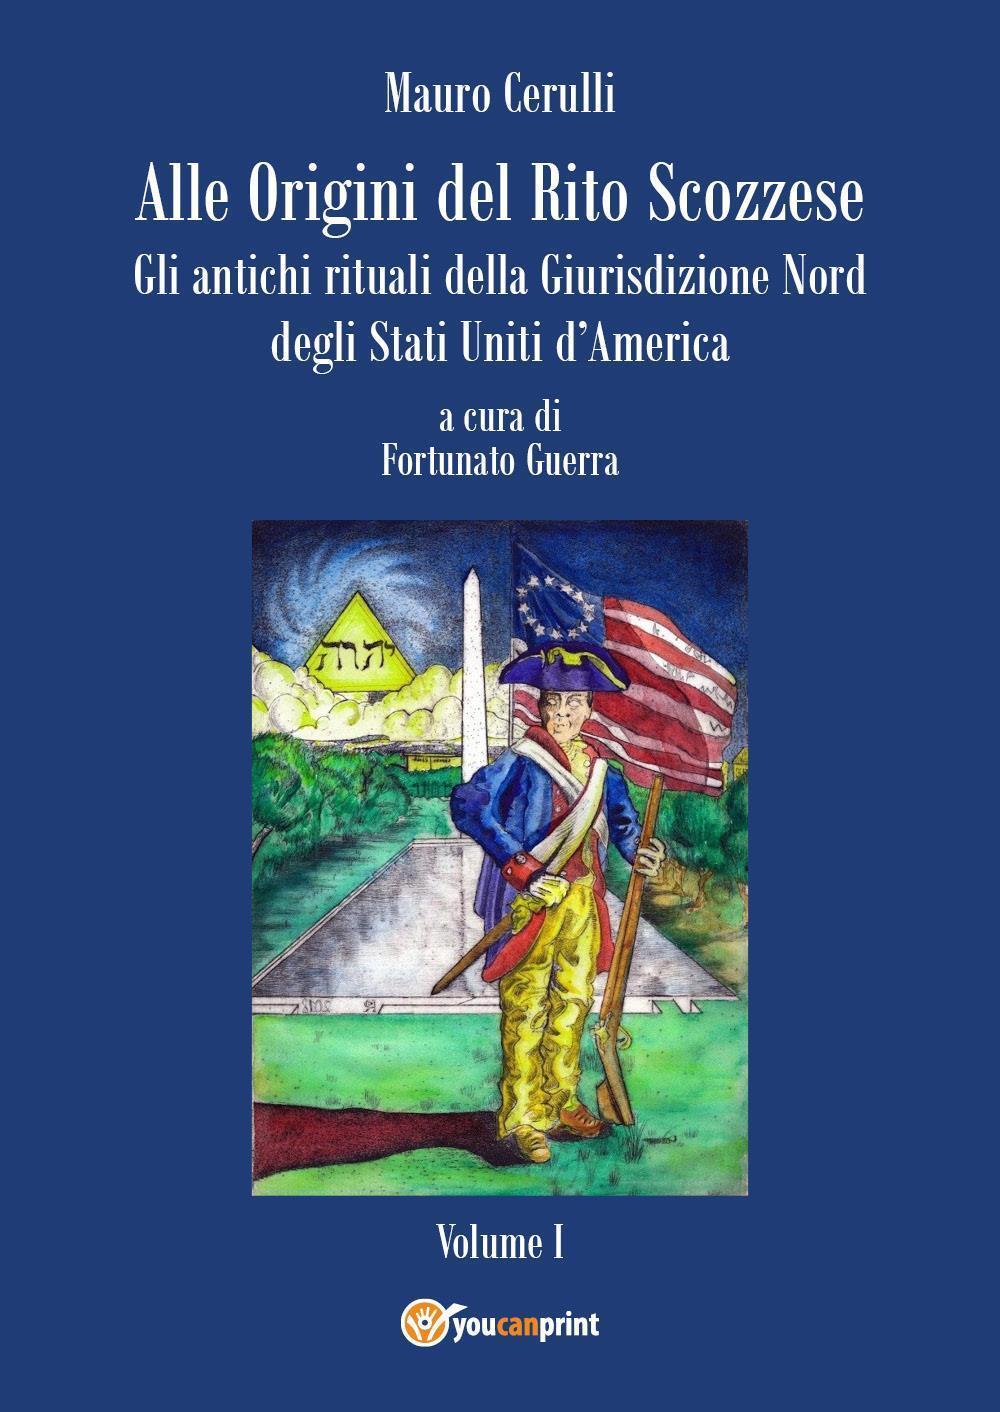 Alle origini del rito scozzese. Gli antichi rituali della Giurisdizione Nord degli Stati Uniti d'America. Volume 1